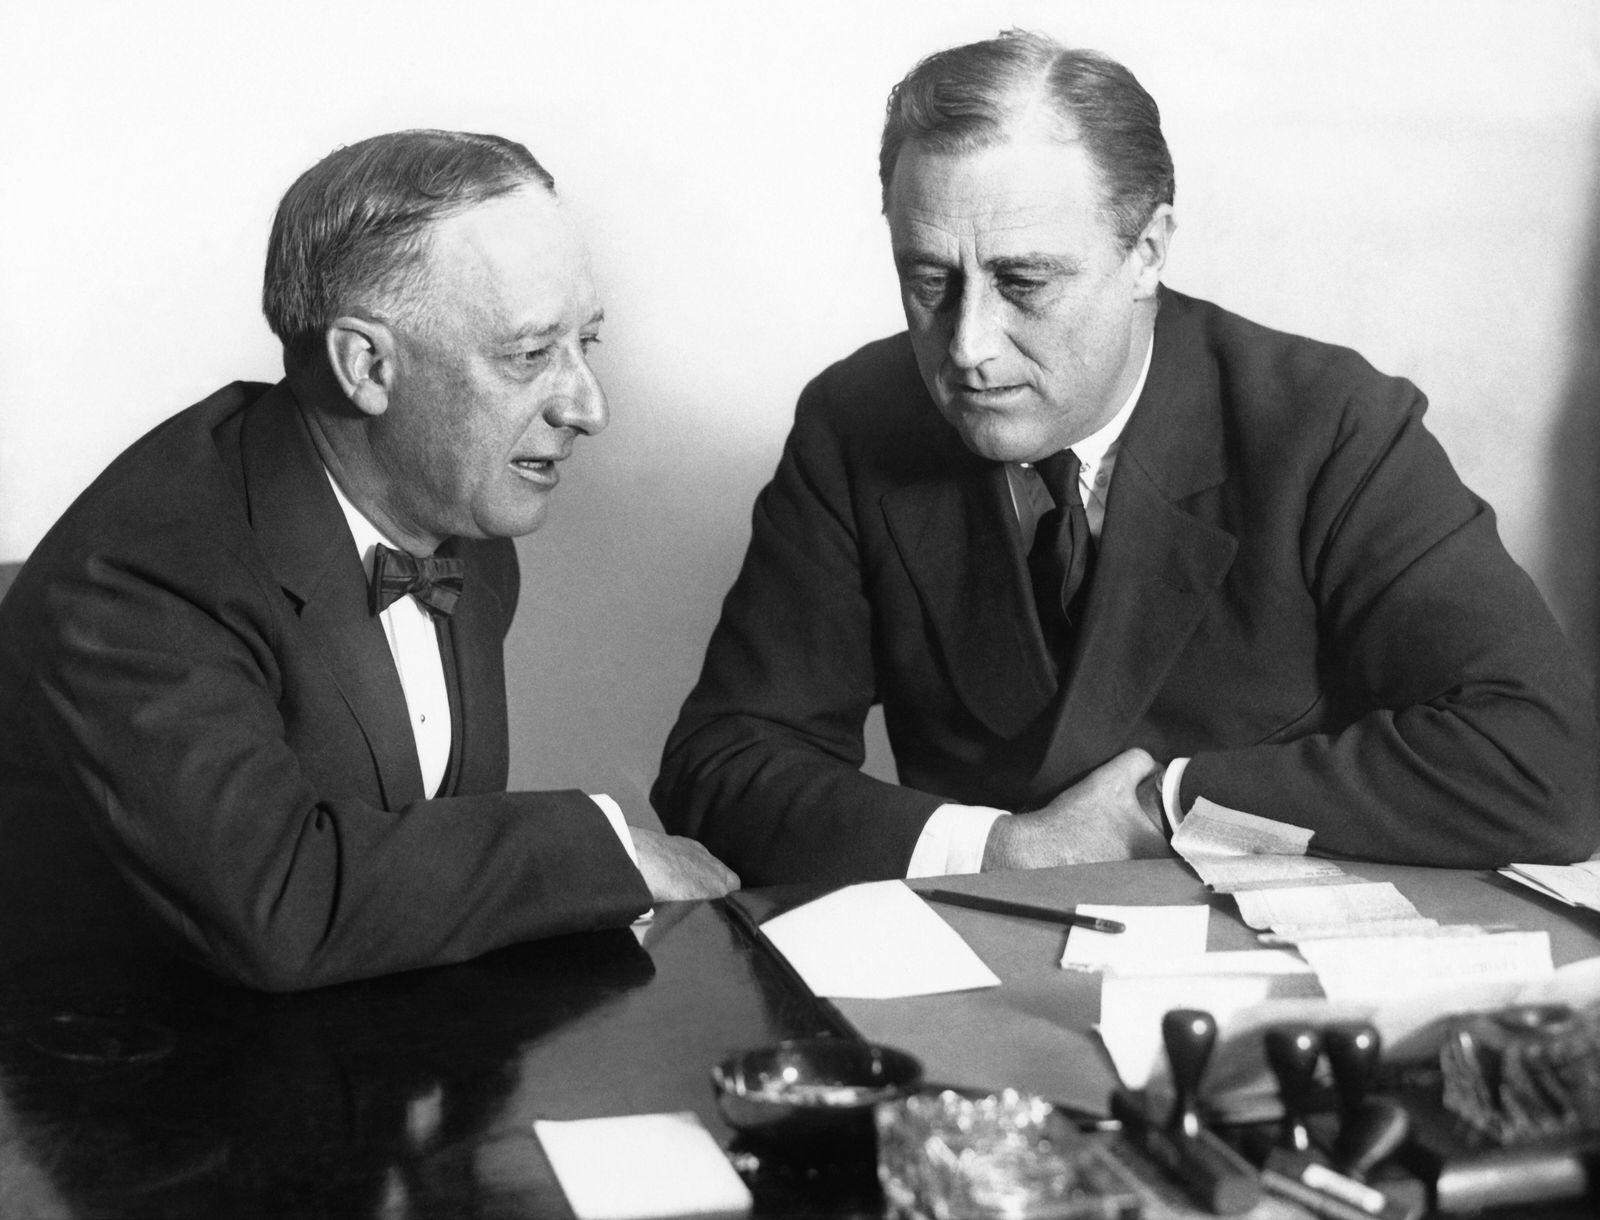 Al Smith / Franklin D. Roosevelt